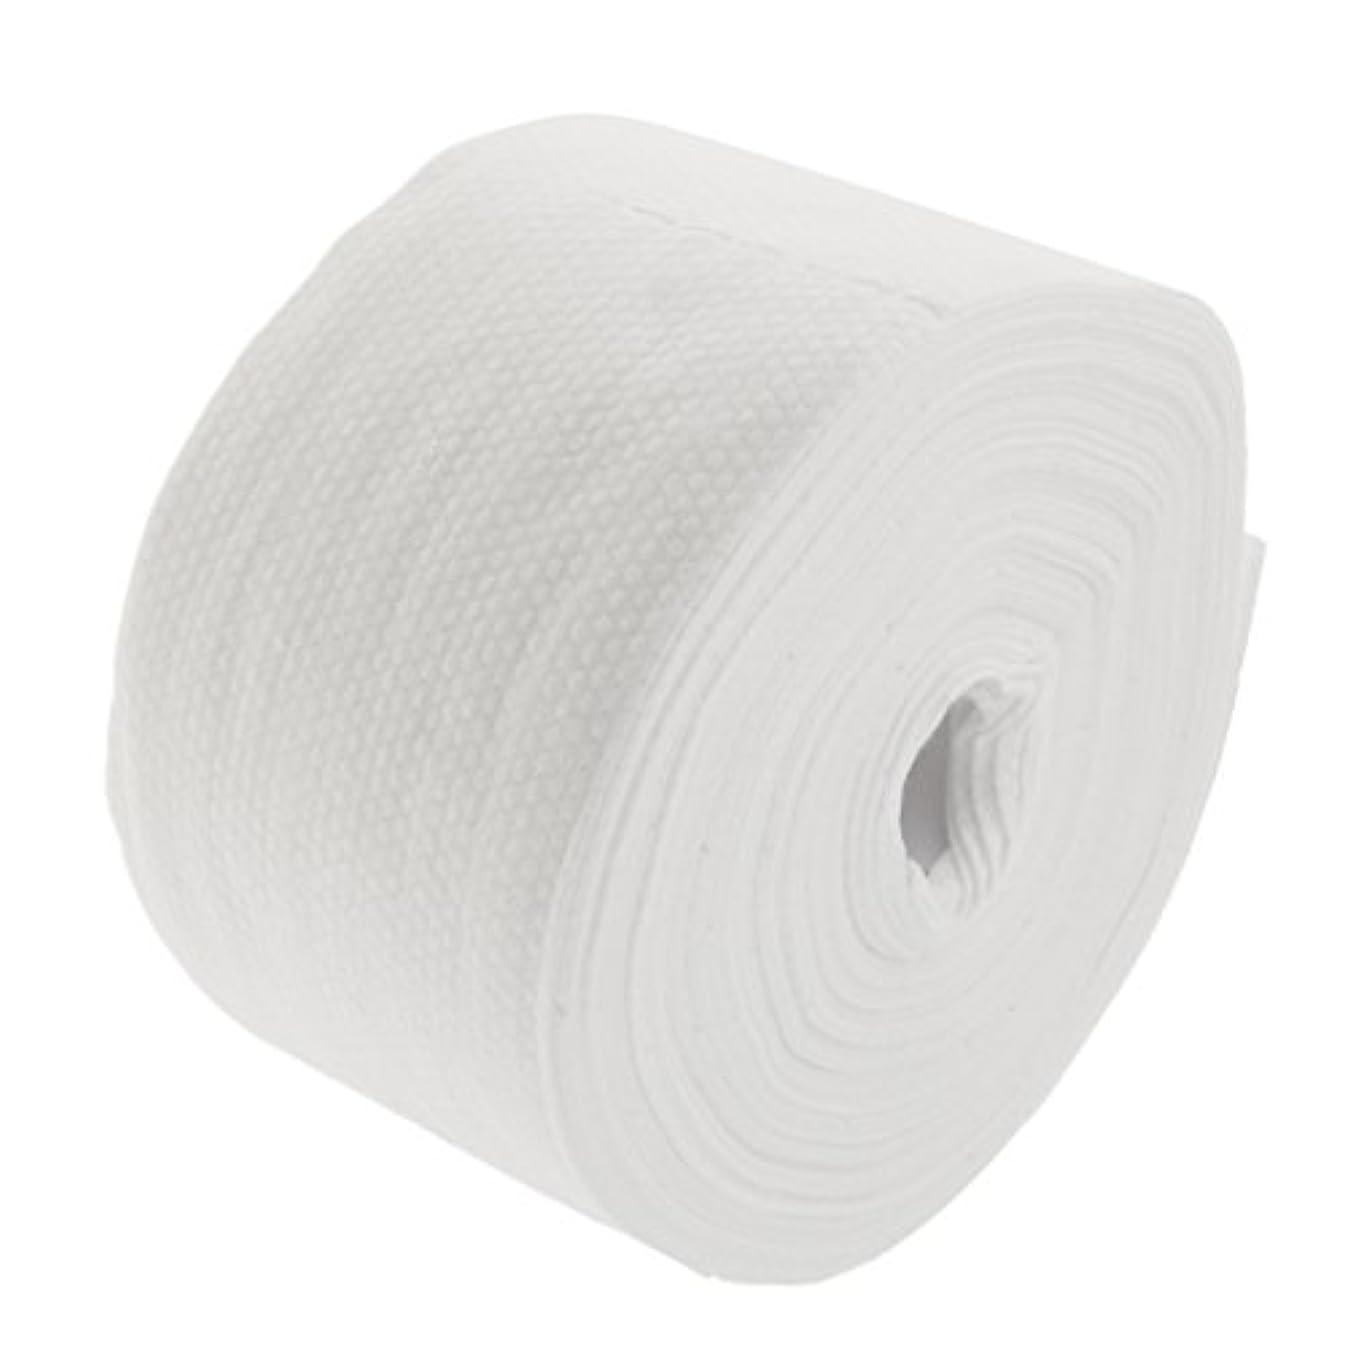 破滅ガロンドアミラー30メートルの使い捨て可能な綿タオル繊維クレンジングフェイシャルワイプメイク落とし - #2